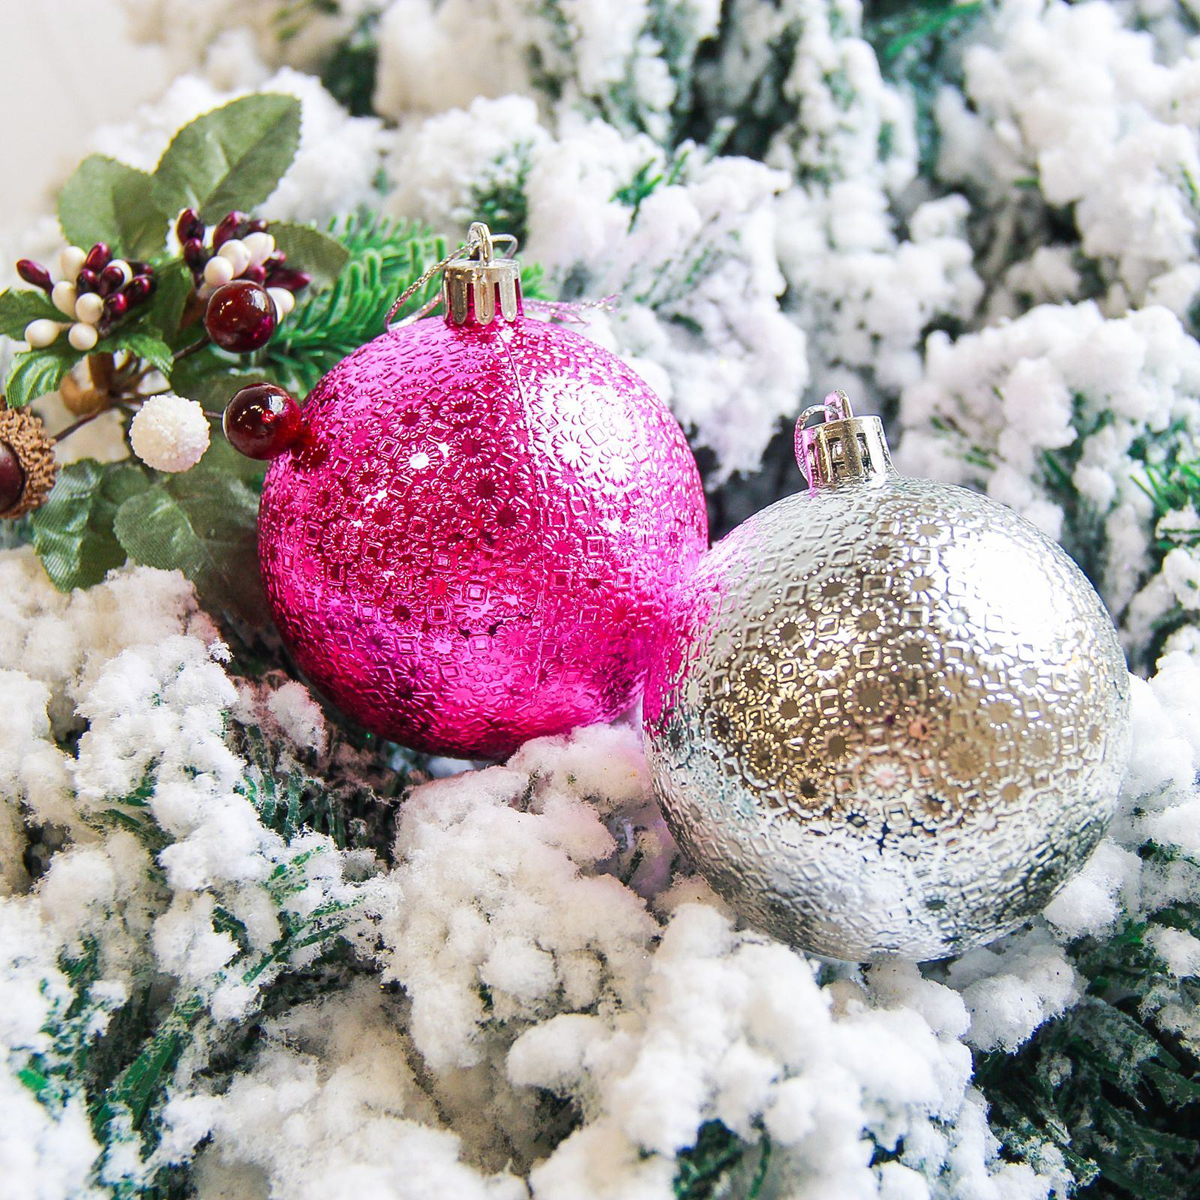 Набор новогодних подвесных украшений Sima-land Юнона, диаметр 7 см, 9 шт2178274Набор новогодних подвесных украшений Sima-land отлично подойдет для декорации вашего дома и новогодней ели. С помощью специальной петельки украшение можно повесить в любом понравившемся вам месте. Но, конечно, удачнее всего оно будет смотреться на праздничной елке. Елочная игрушка - символ Нового года. Она несет в себе волшебство и красоту праздника. Создайте в своем доме атмосферу веселья и радости, украшая новогоднюю елку нарядными игрушками, которые будут из года в год накапливать теплоту воспоминаний.